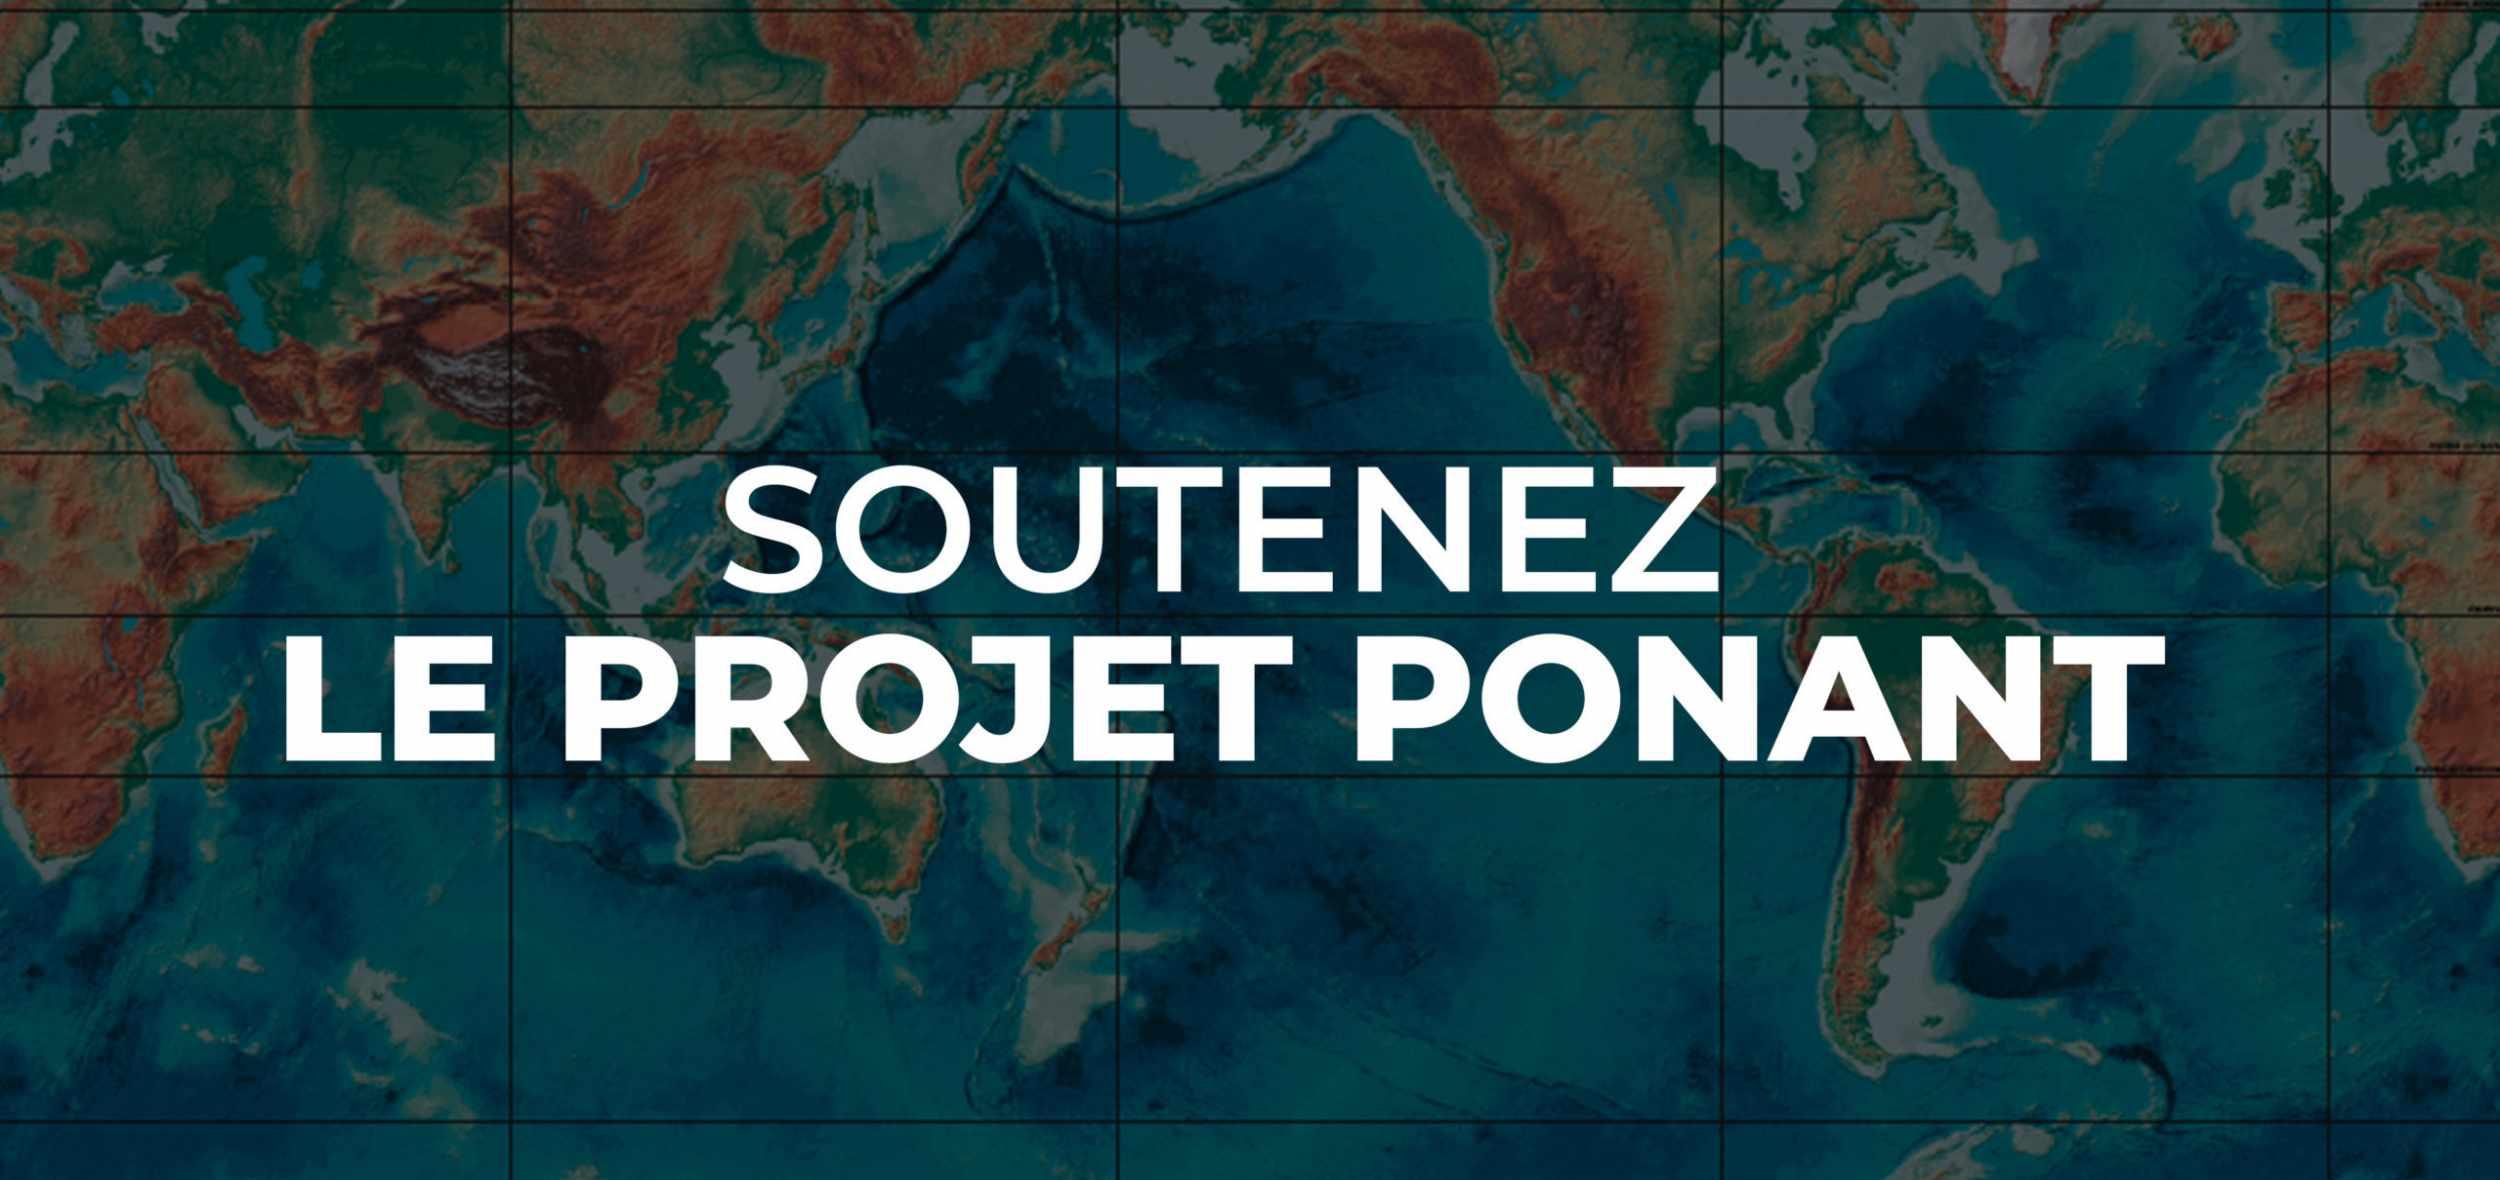 SOUTENEZ_PROJET-PONANT